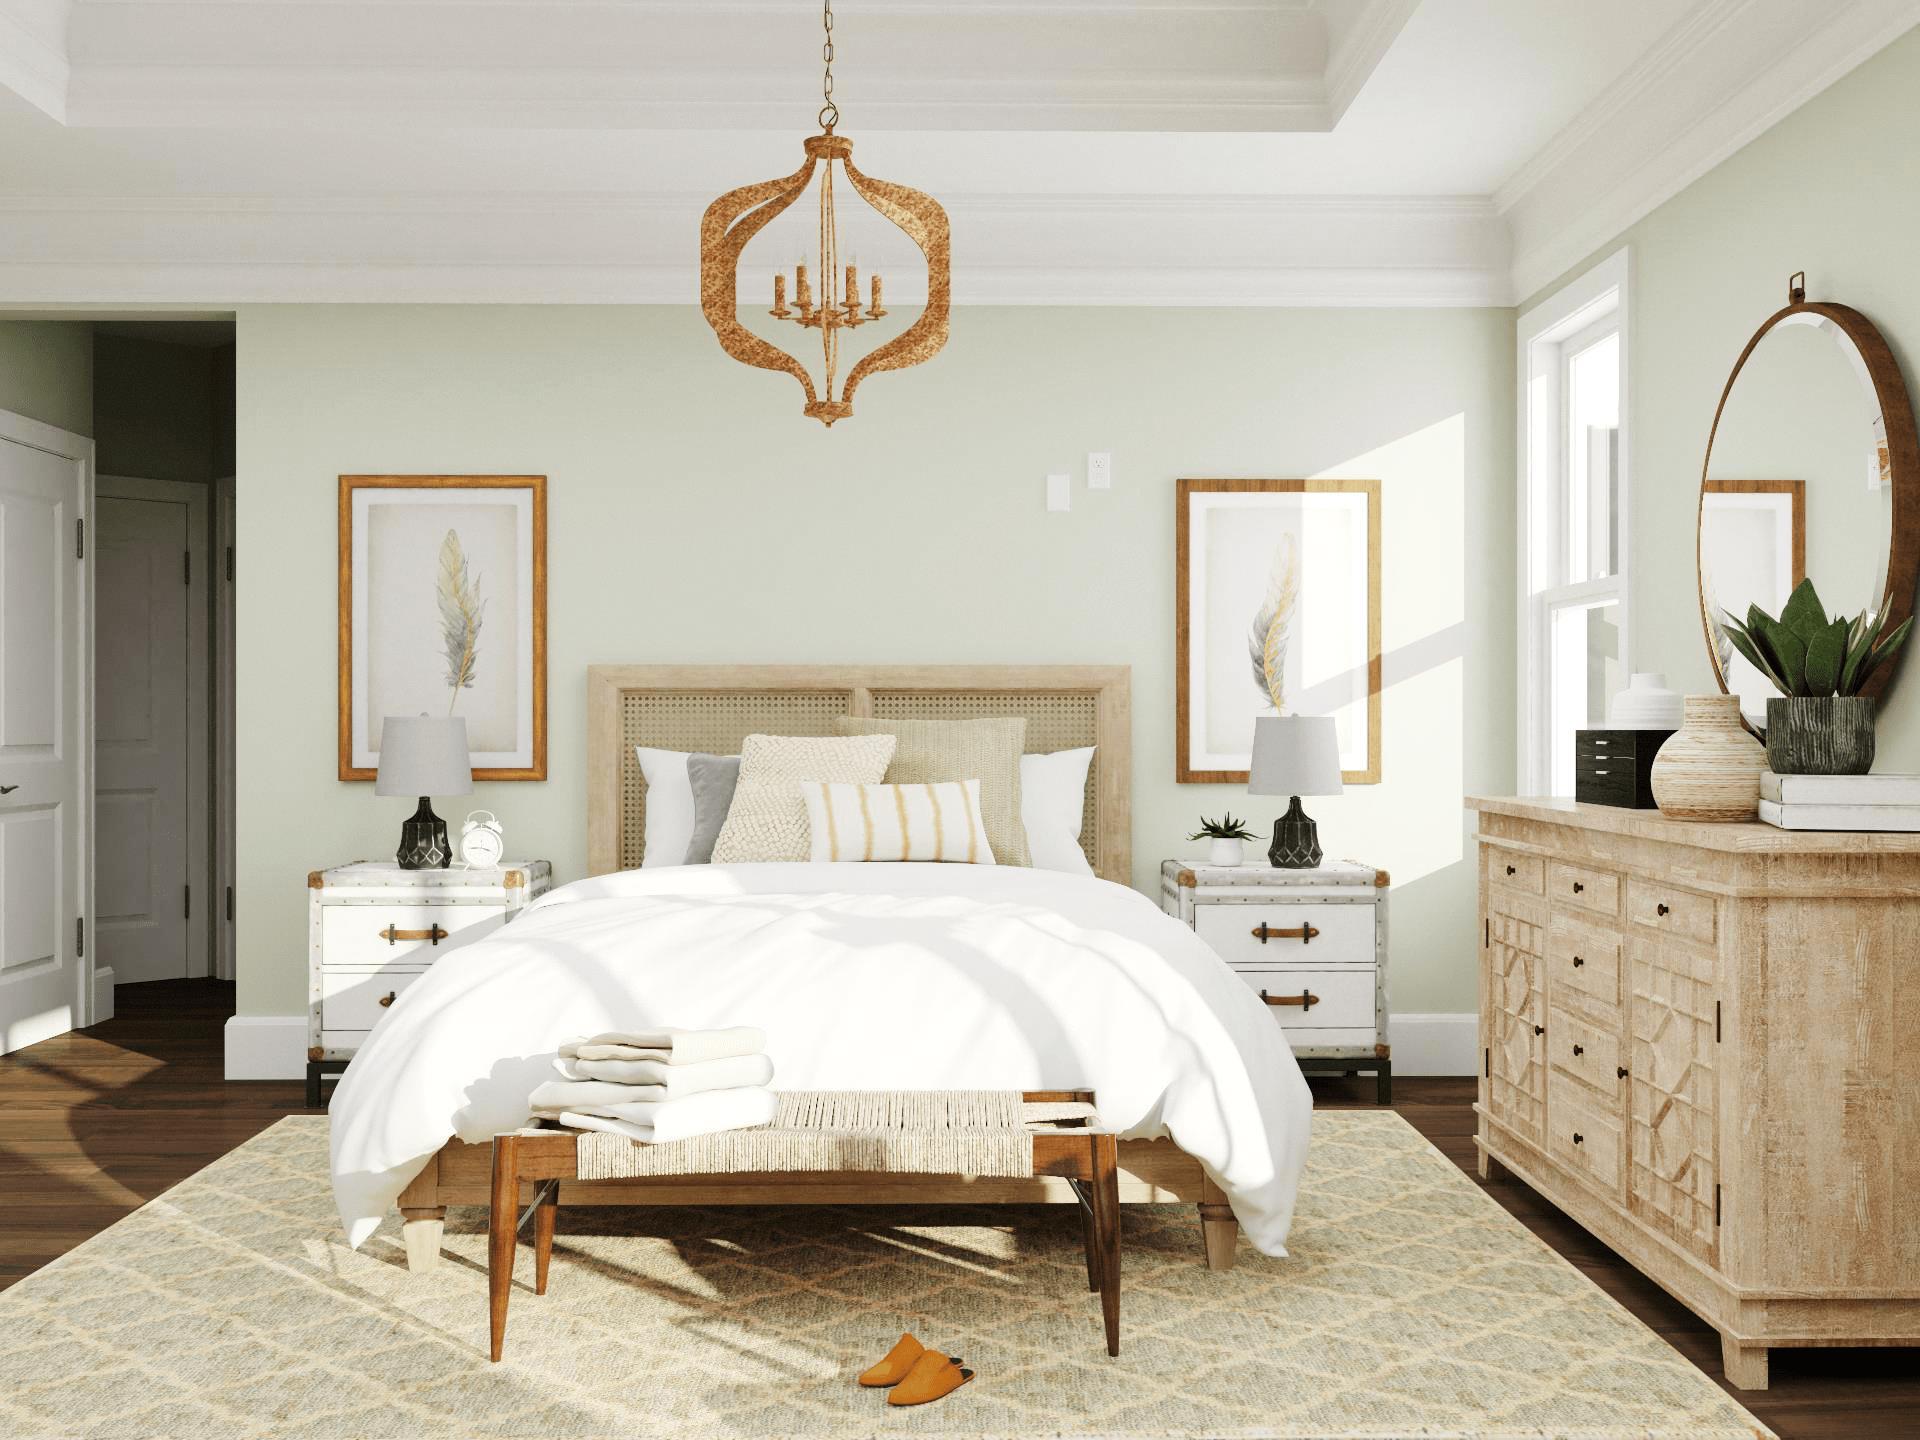 Nội thất phòng ngủ phong cách châu Âu